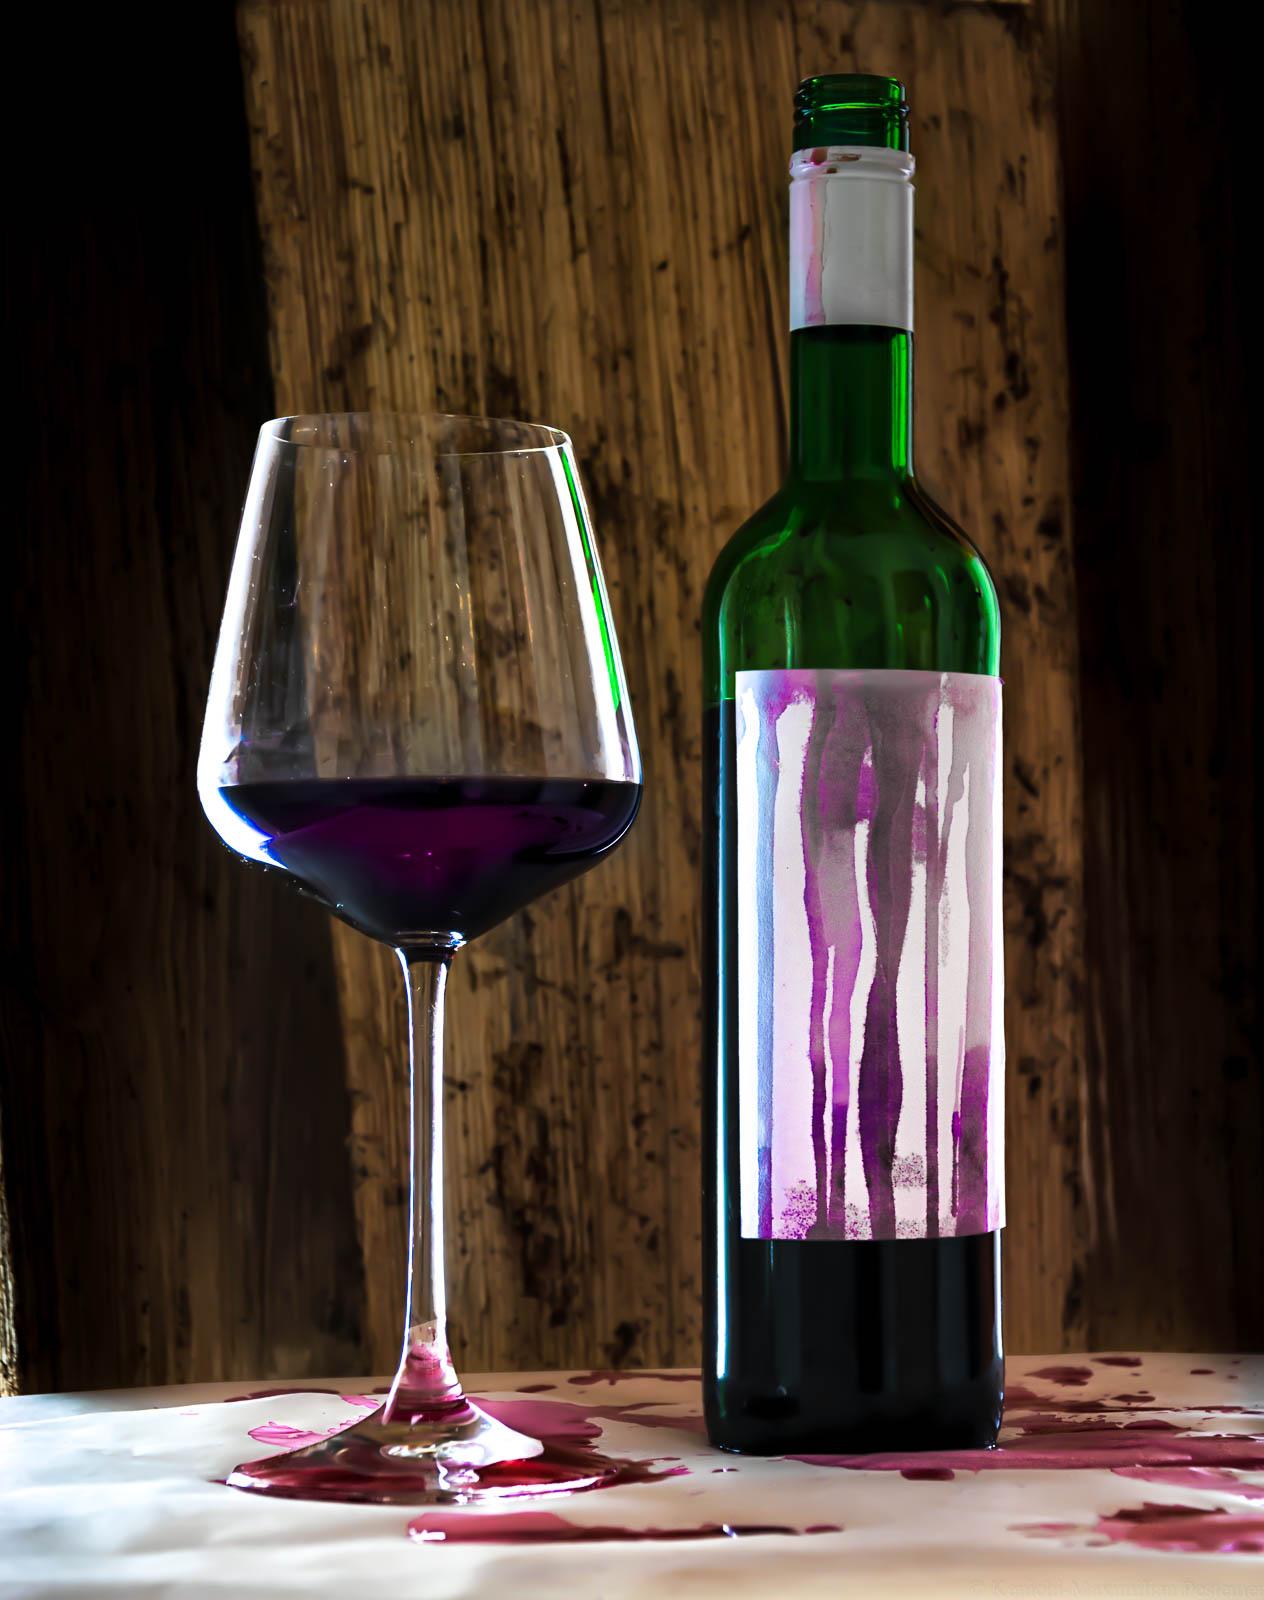 """Auf dem Bild ist links ein Glas Rotwein erkennbar. Rechts steht eine Flasche Schomlauer. Das Etikett der Weinflasche und der weiße Papierboden sind von Rotweintropfen bedeckt. Im Hintergrund ist Holz. Das Bild spielt auf Béla Hamvas Werk, """"Die Philosophie des Weins"""" an."""